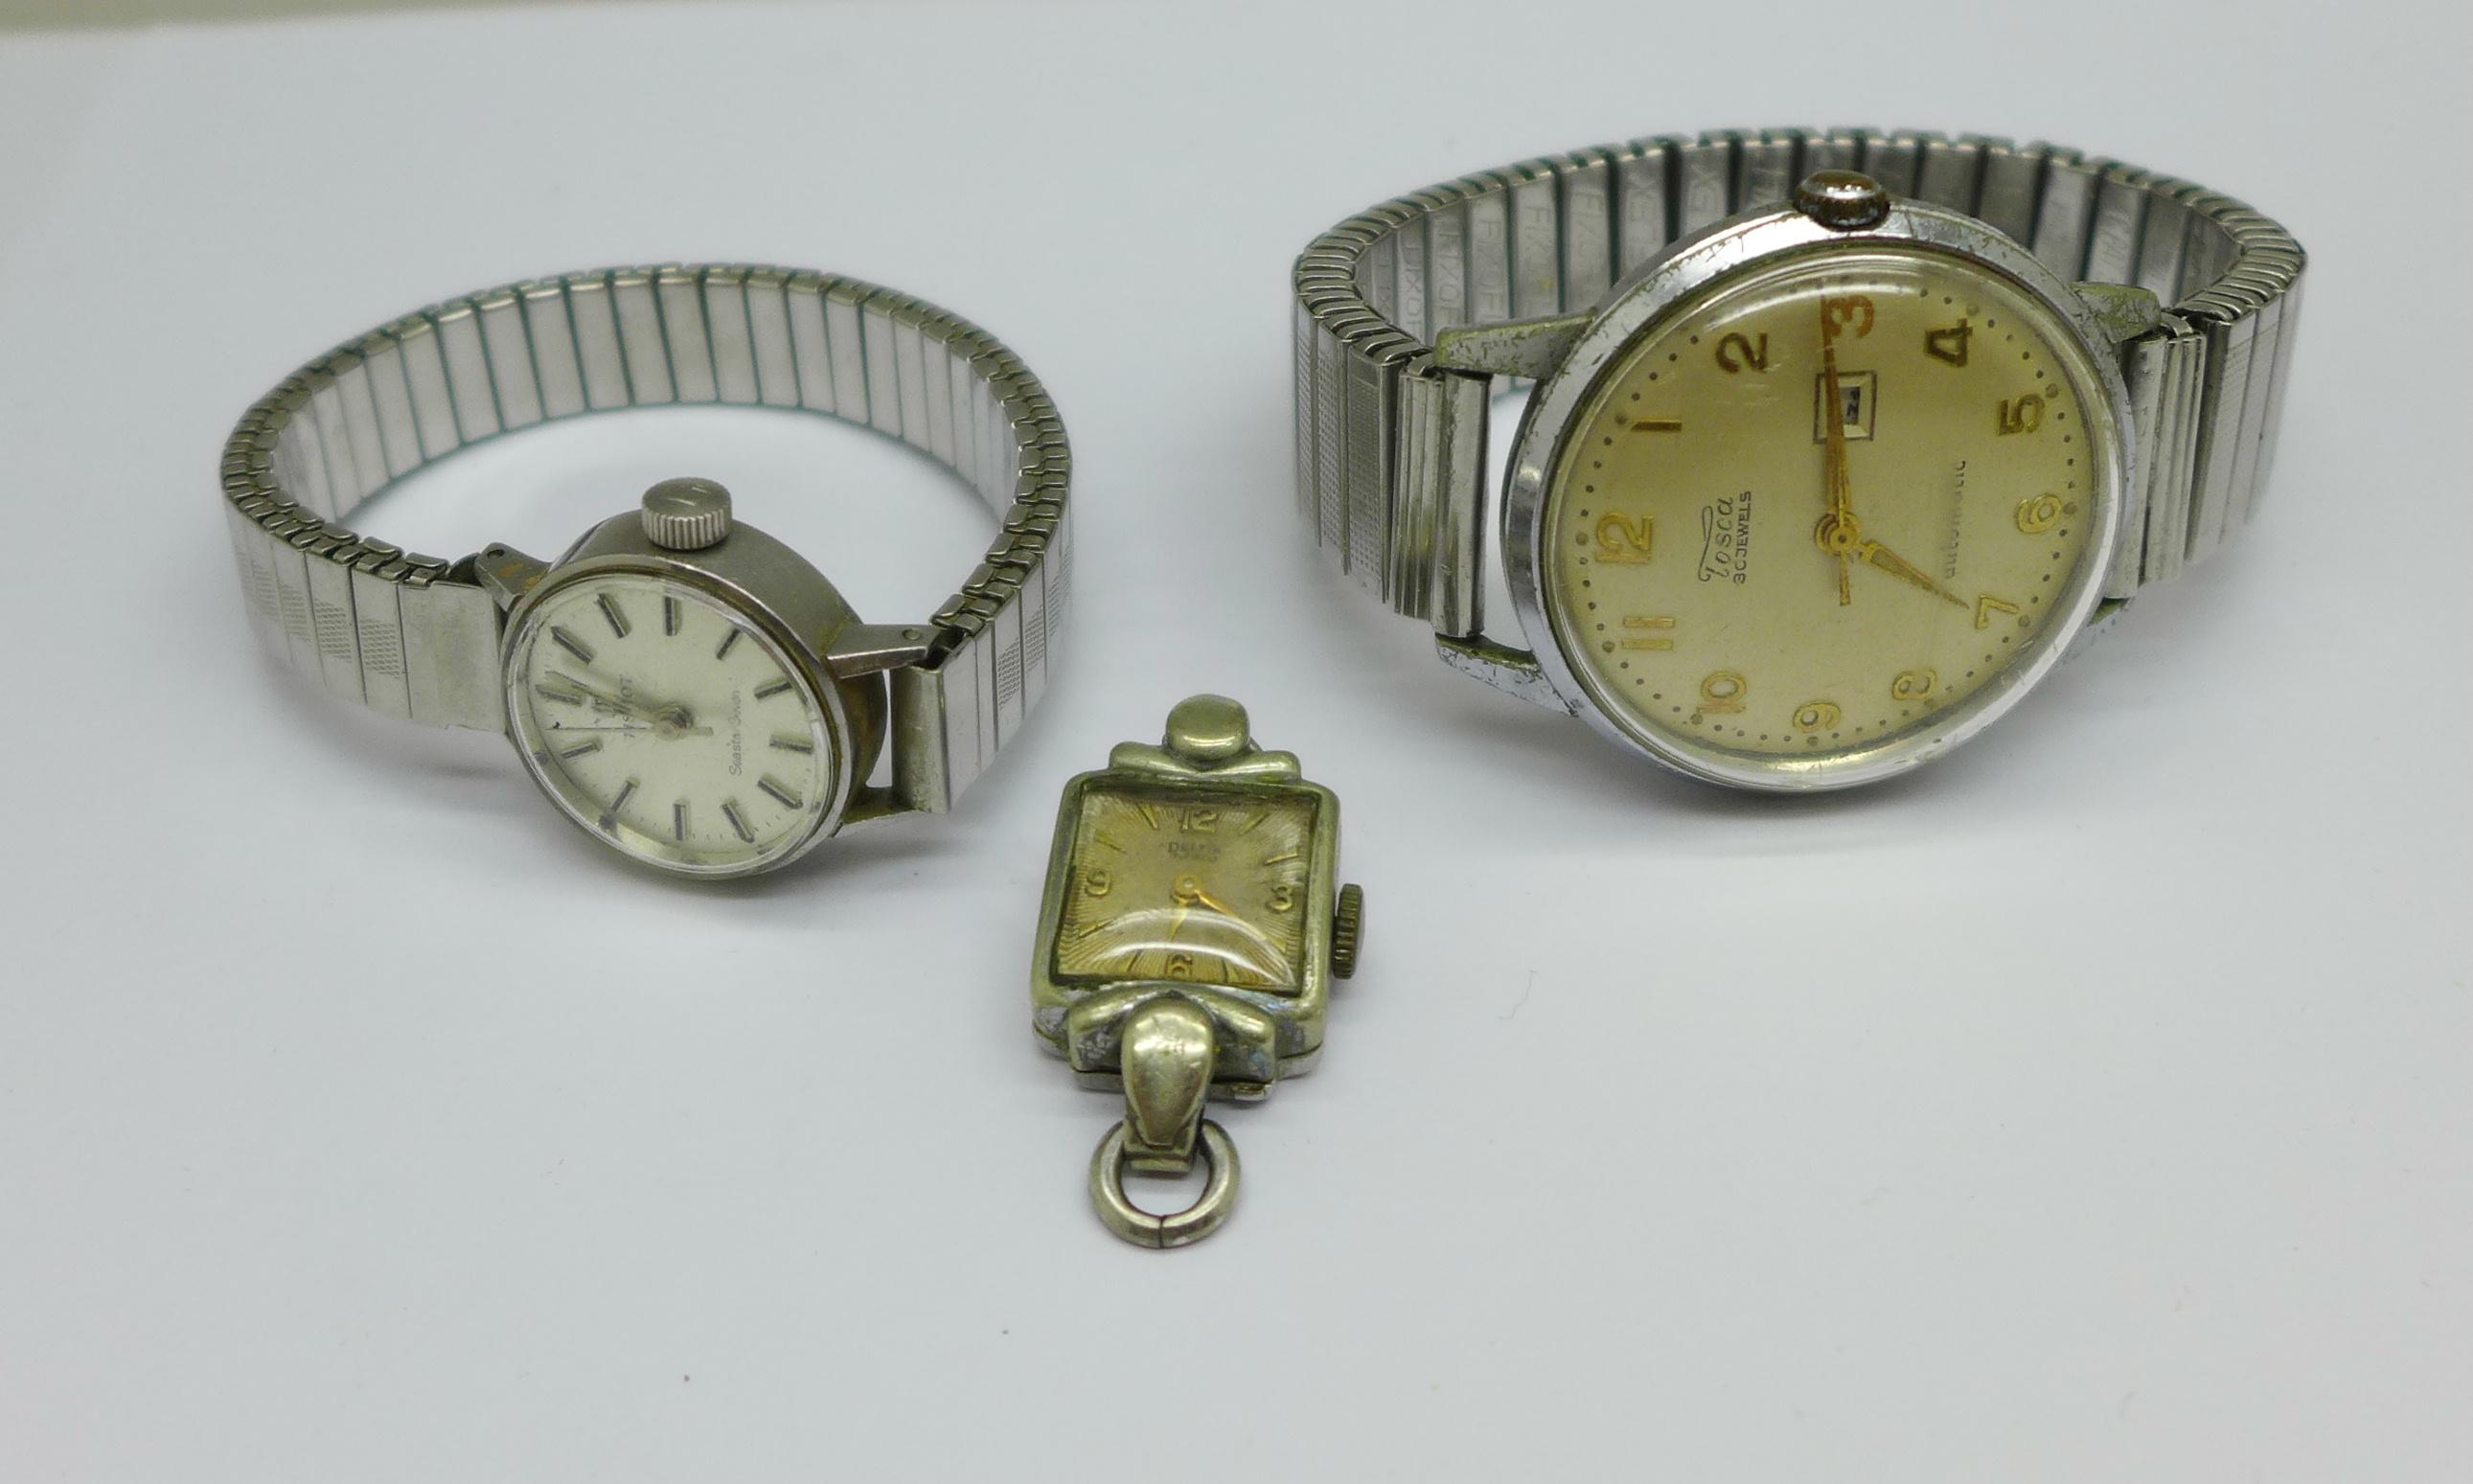 A lady's Tissot Seastar wristwatch and a Tosca 30 jewel wristwatch